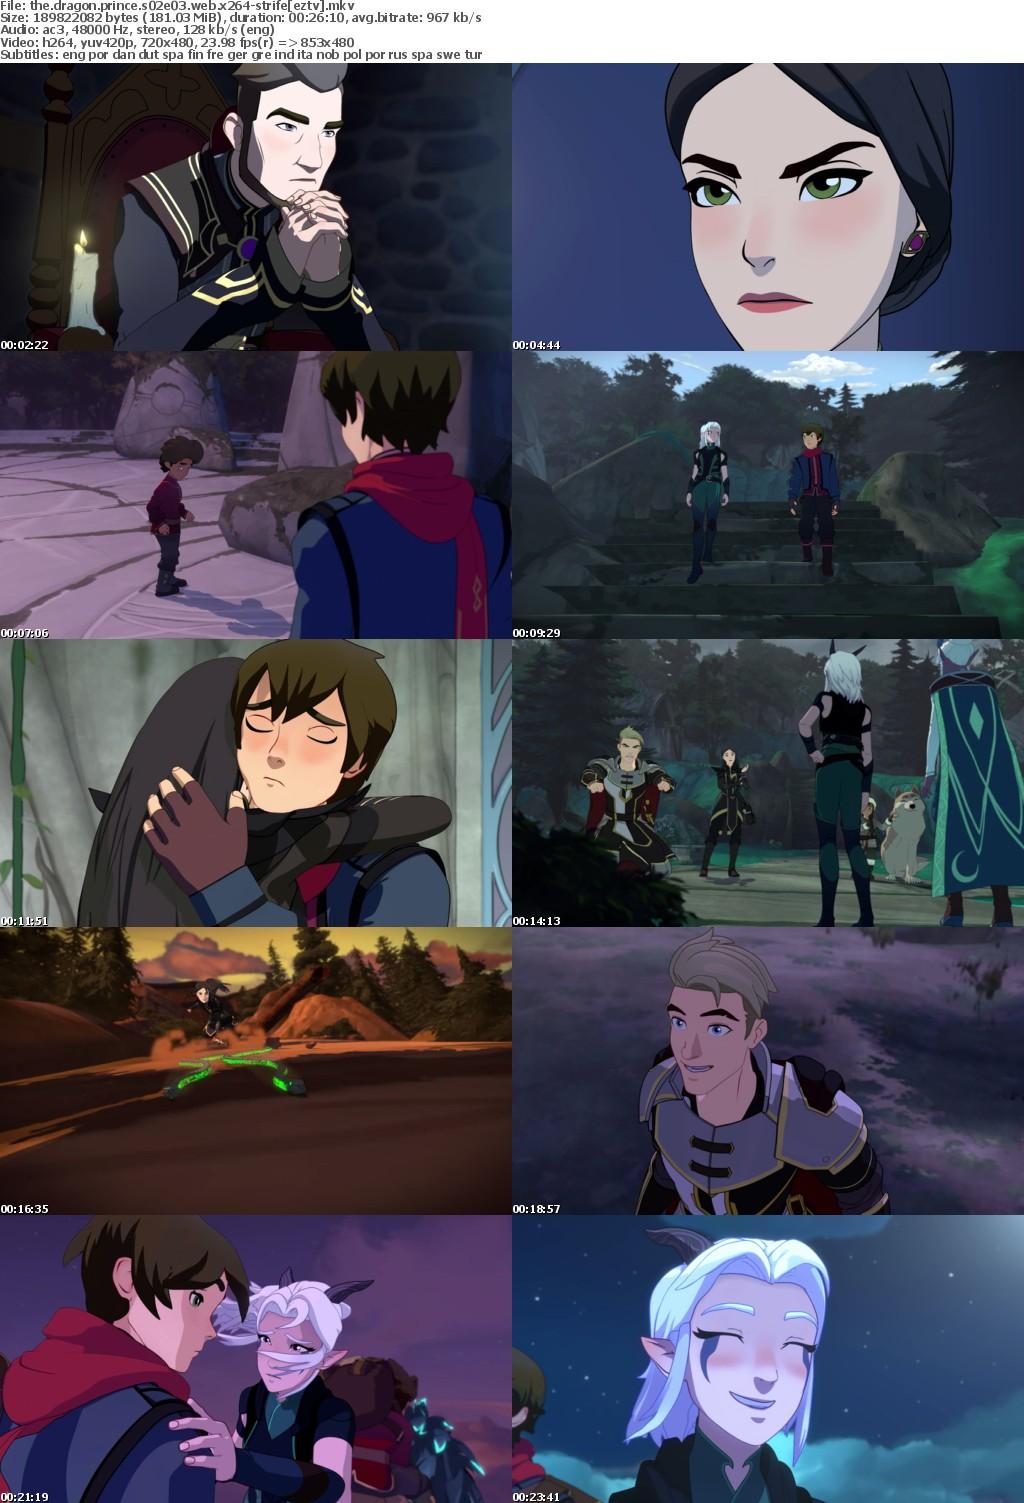 The Dragon Prince S02E03 WEB x264-STRiFE